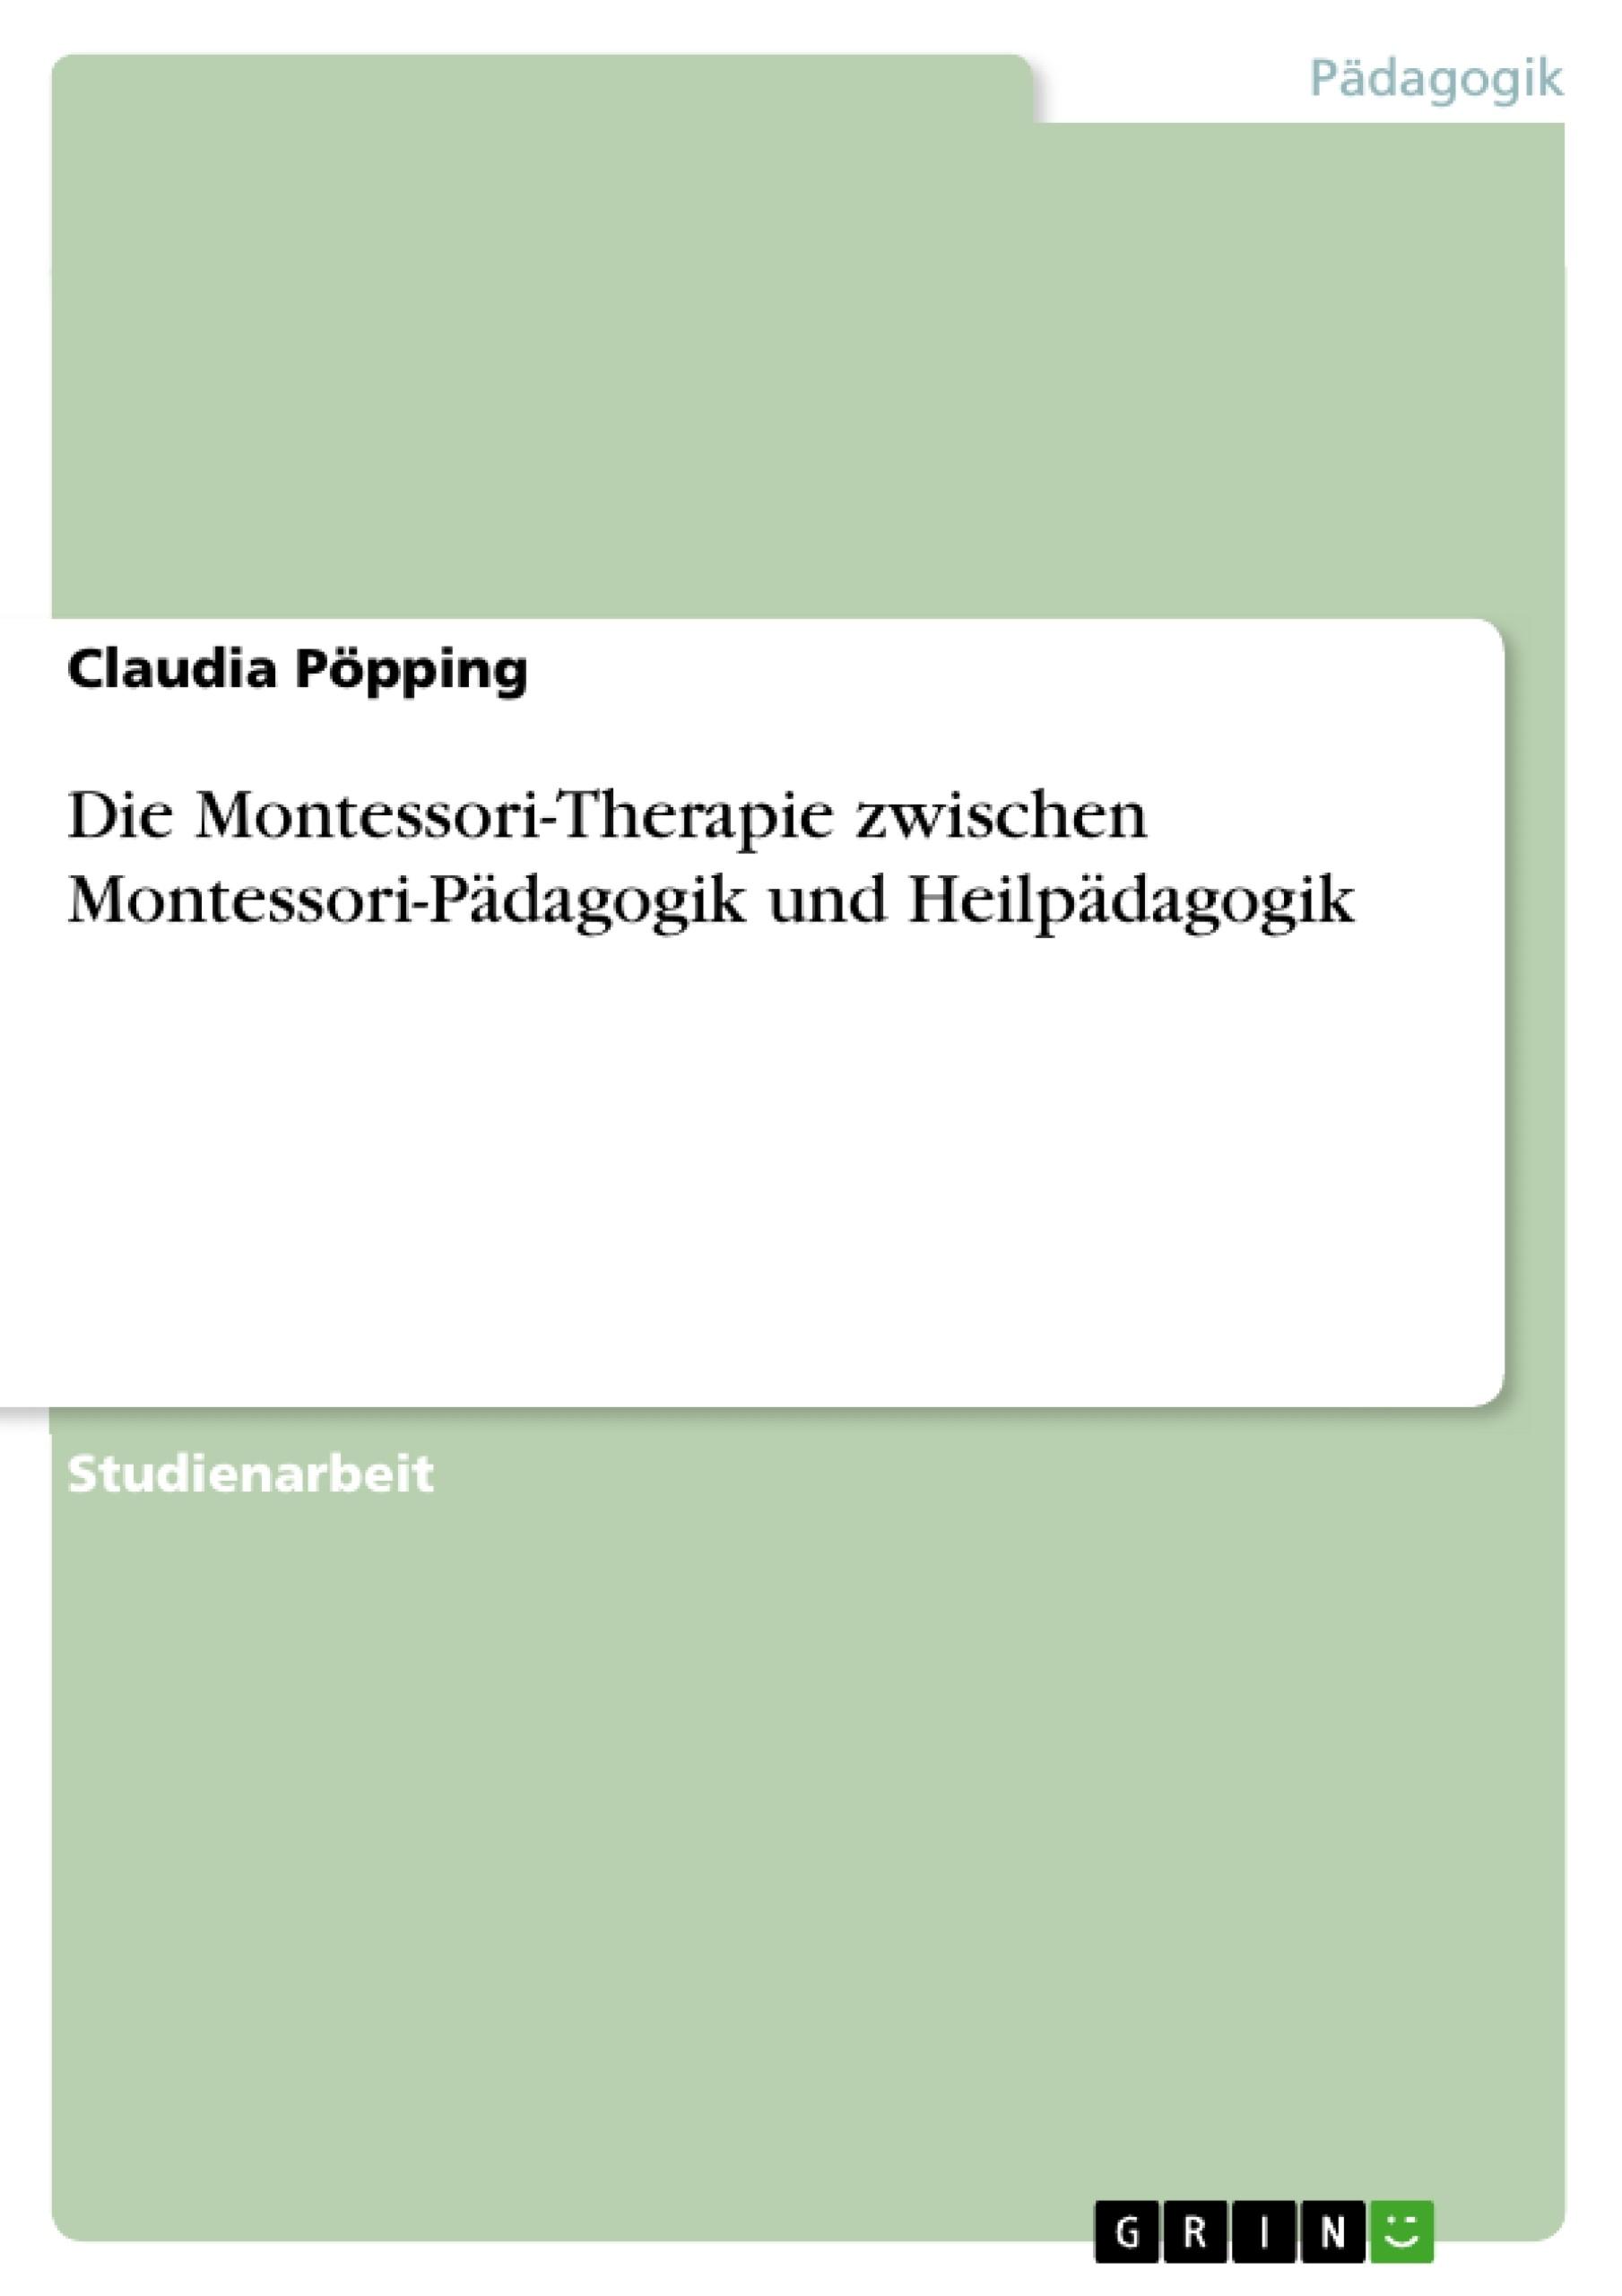 Titel: Die Montessori-Therapie zwischen Montessori-Pädagogik und Heilpädagogik